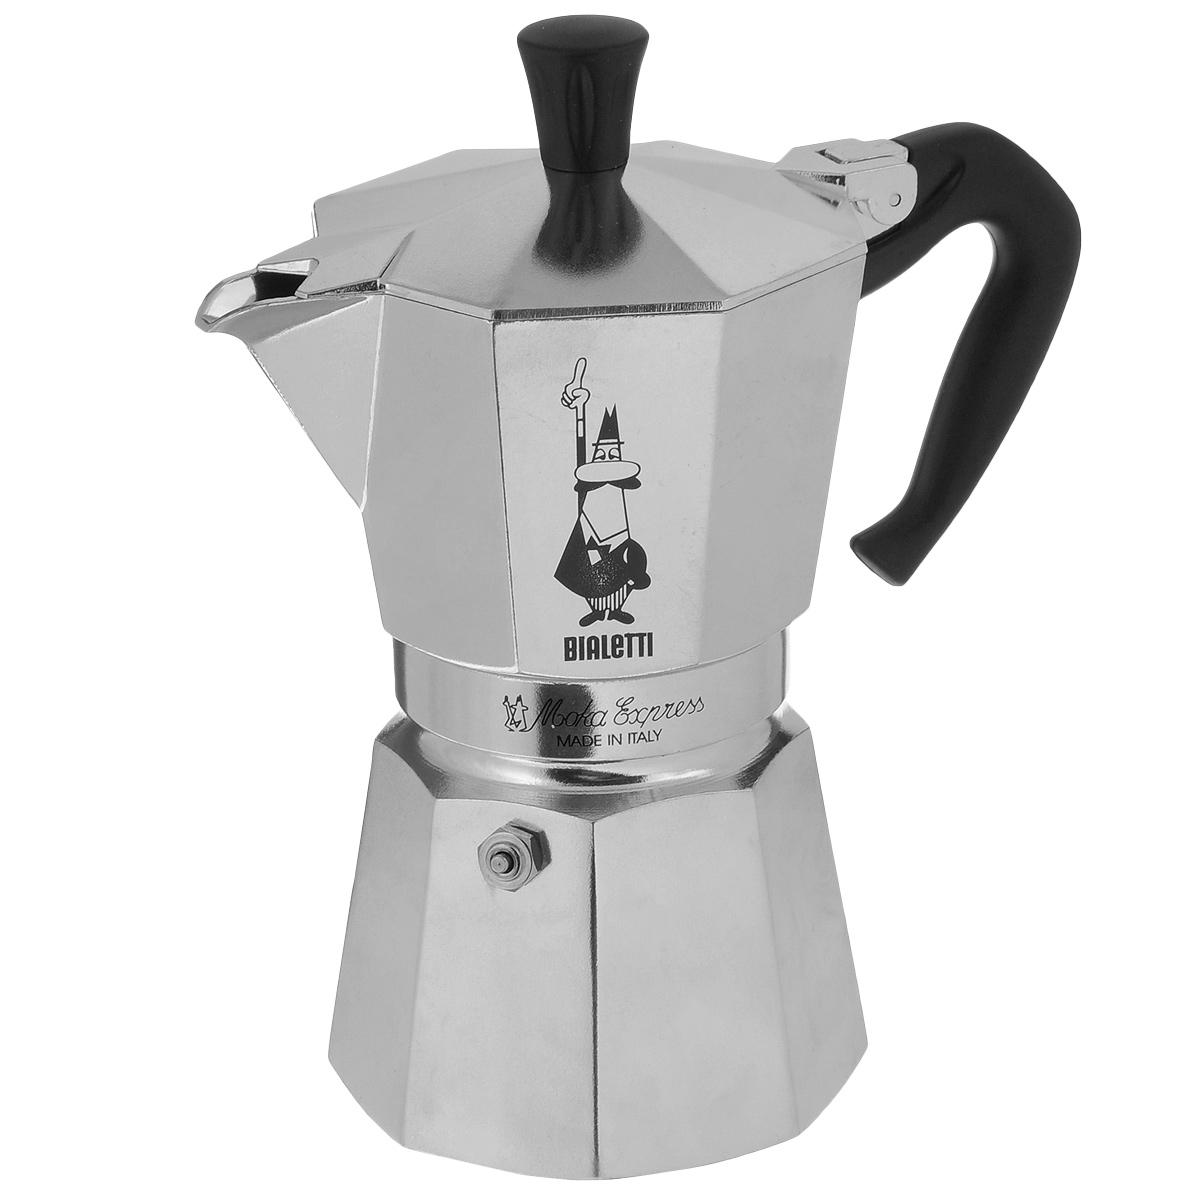 Кофеварка гейзерная Bialetti Moka Express, на 6 чашек, 300 мл391602Компактная гейзерная кофеварка Bialetti Moka Express изготовлена из высококачественного алюминия. Объема кофе хватает на 6 чашек. Изделие оснащено удобной пластиковой ручкой.Принцип работы такой гейзерной кофеварки - кофе заваривается путем многократного прохождения горячей воды или пара через слой молотого кофе. Удобство кофеварки в том, что вся кофейная гуща остается во внутренней емкости. Гейзерные кофеварки пользуются большой популярностью благодаря изысканному аромату. Кофе получается крепкий и насыщенный. Подходит для газовых, электрических и стеклокерамических плит. Нельзя мыть в посудомоечной машине. Объем: 300 мл.